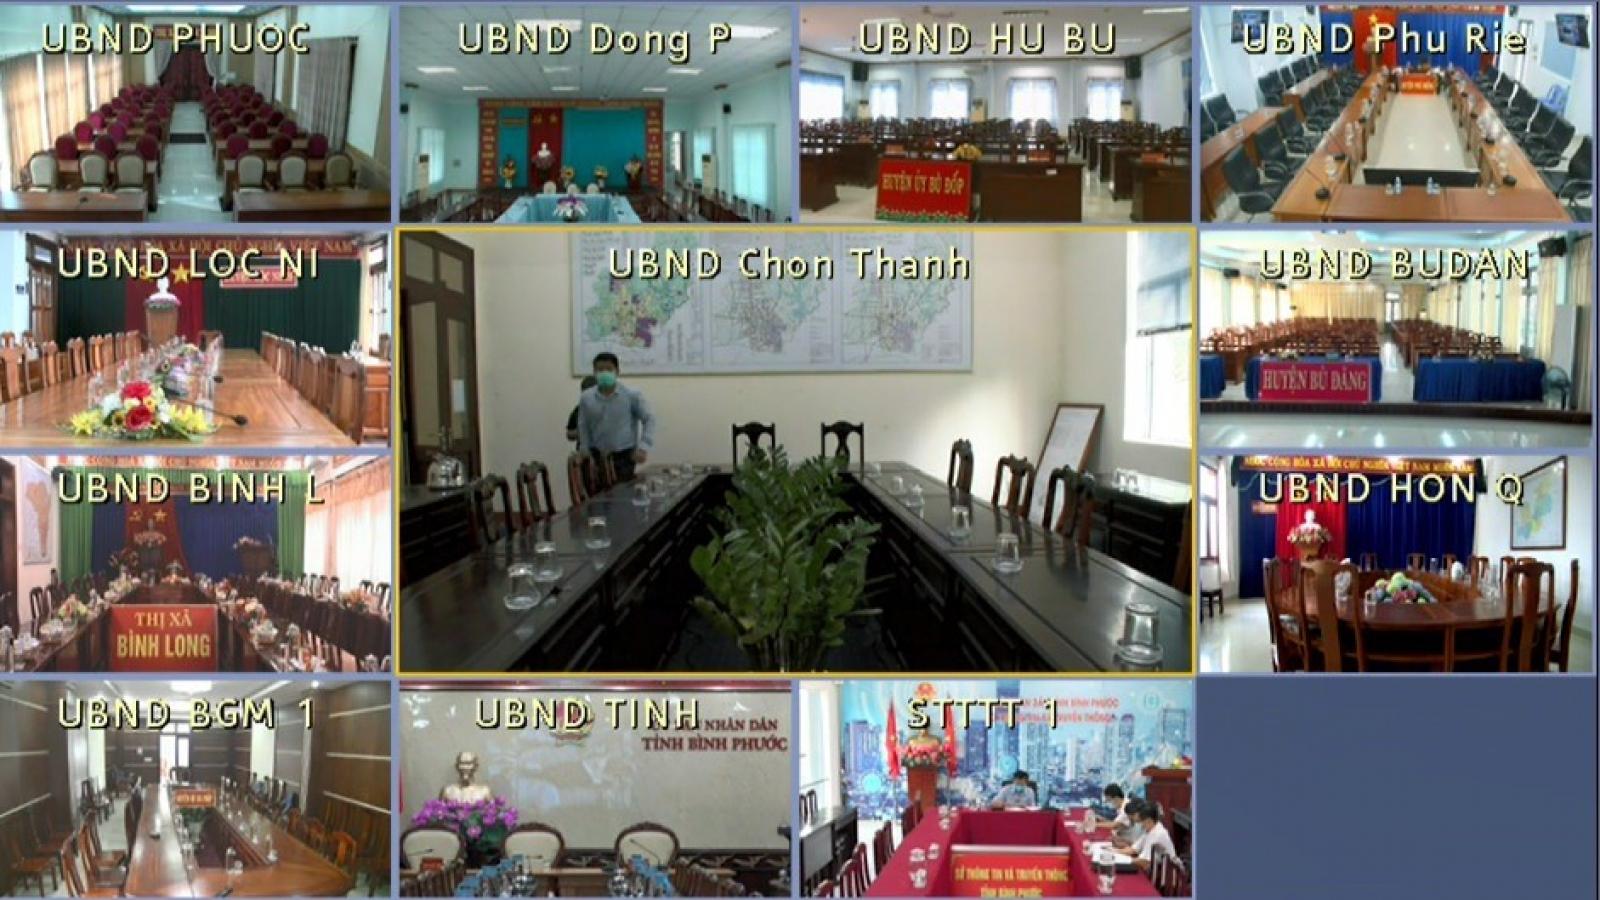 VNPT triển khai hội nghị trực tuyến phục vụ lễ kỷ niệm Quốc khánh 2/9